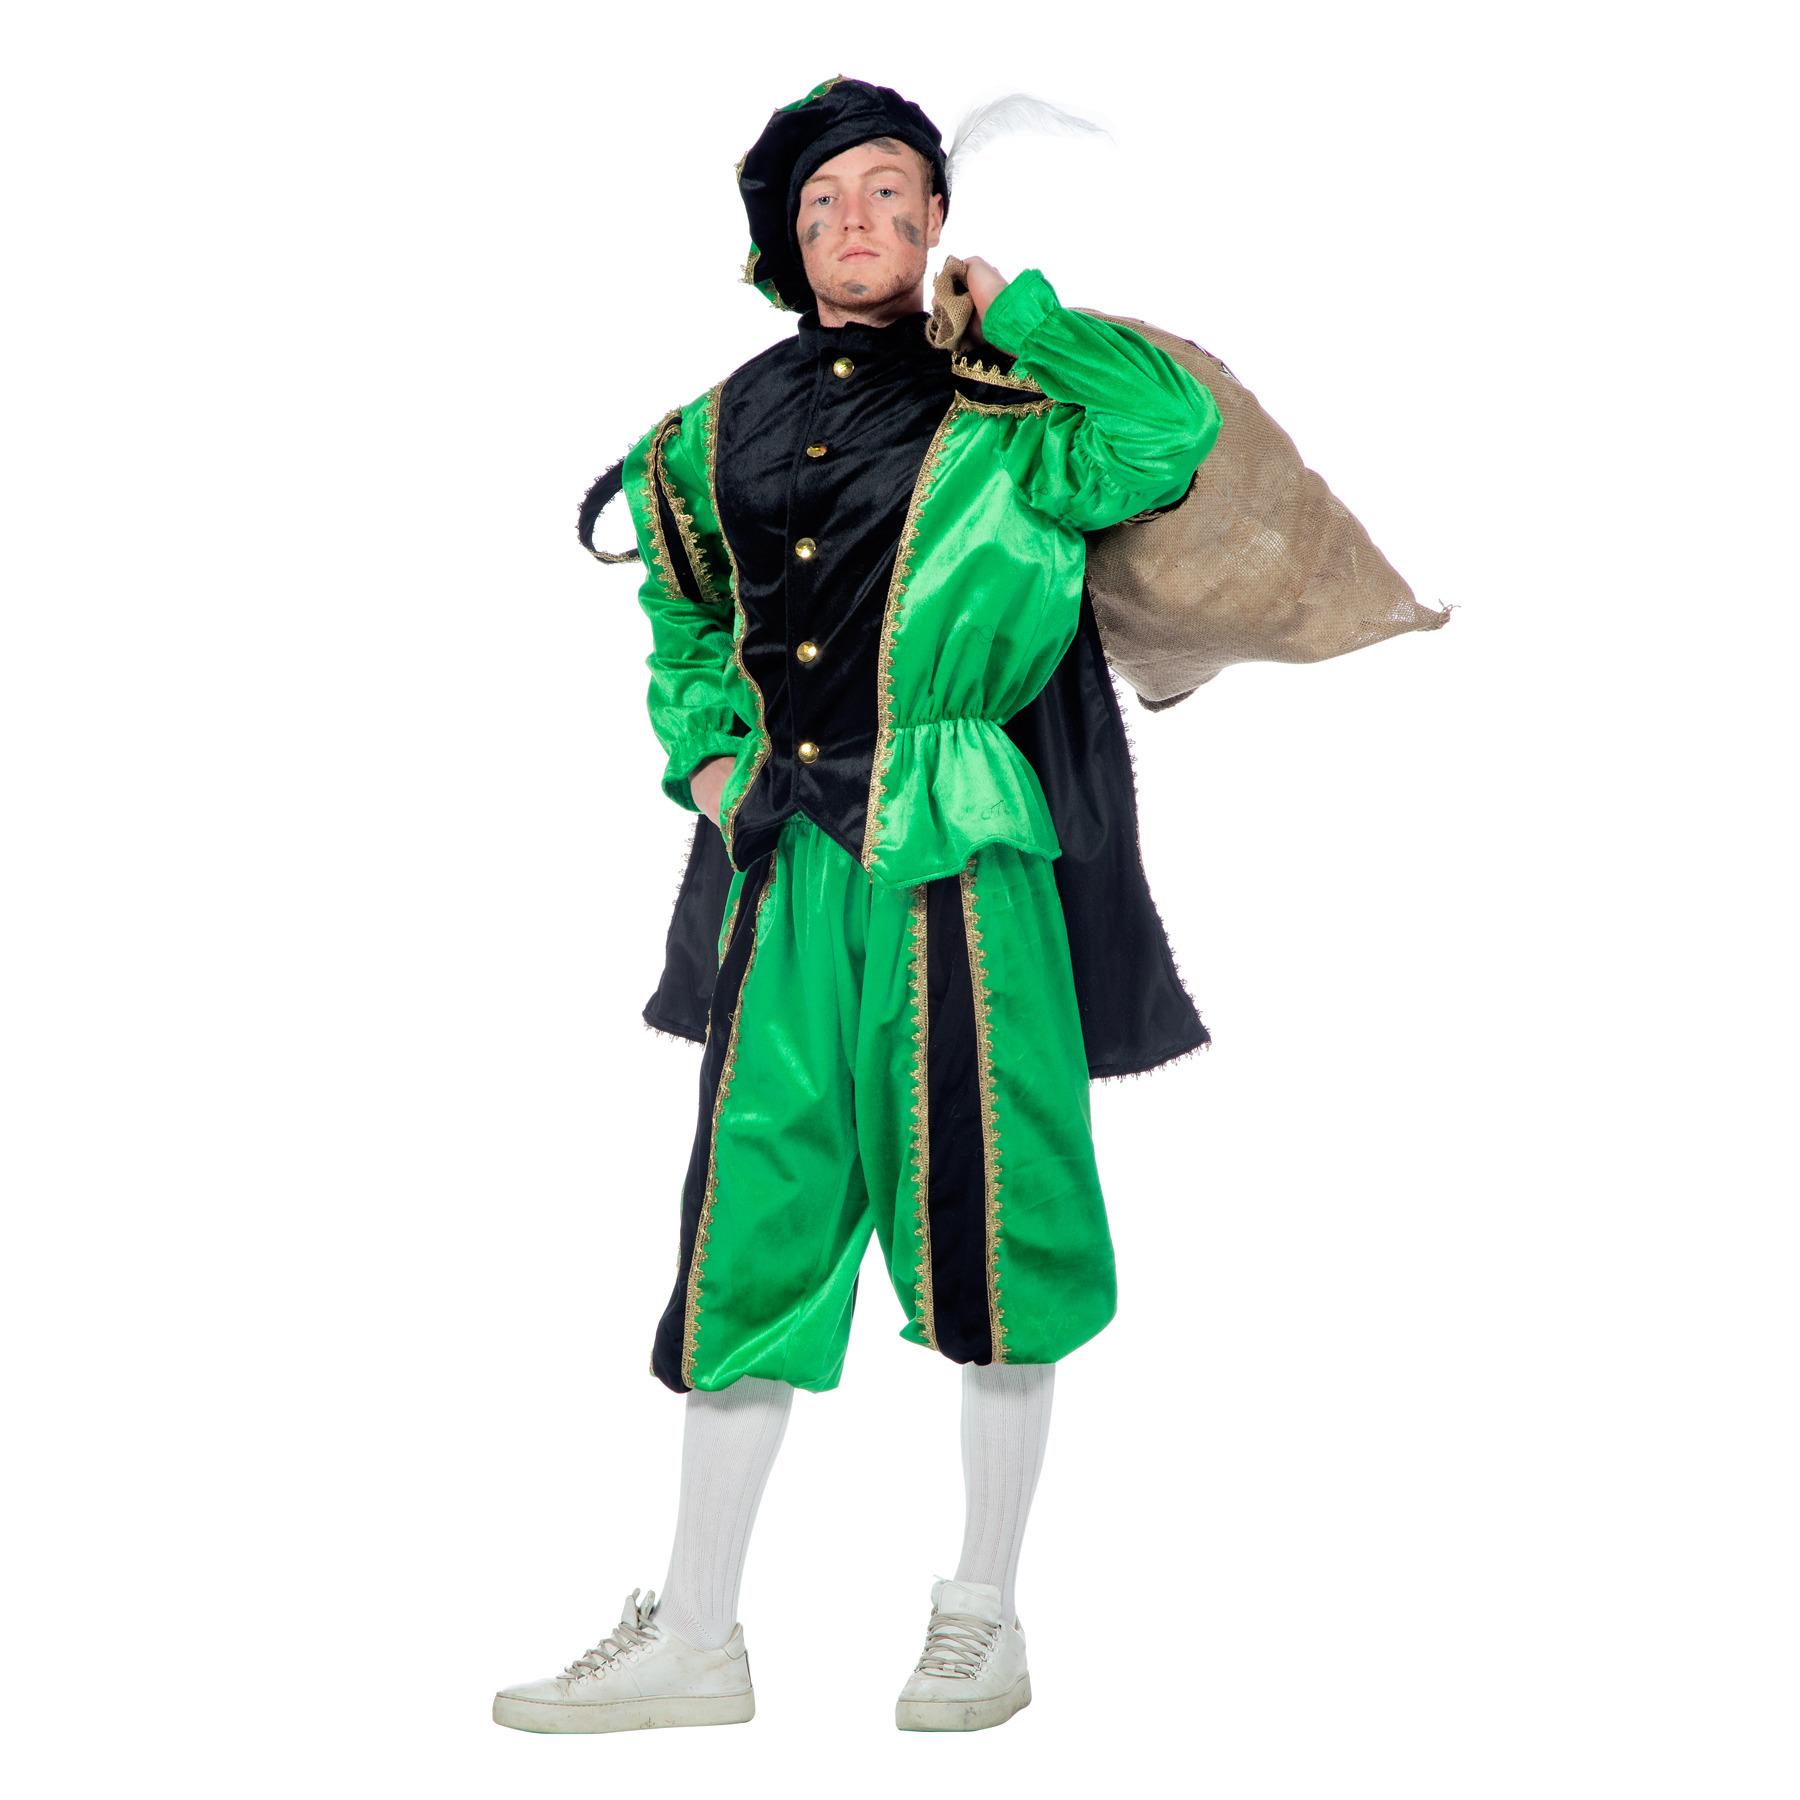 Image of Zwarte Pieten kostuum zwart/groen